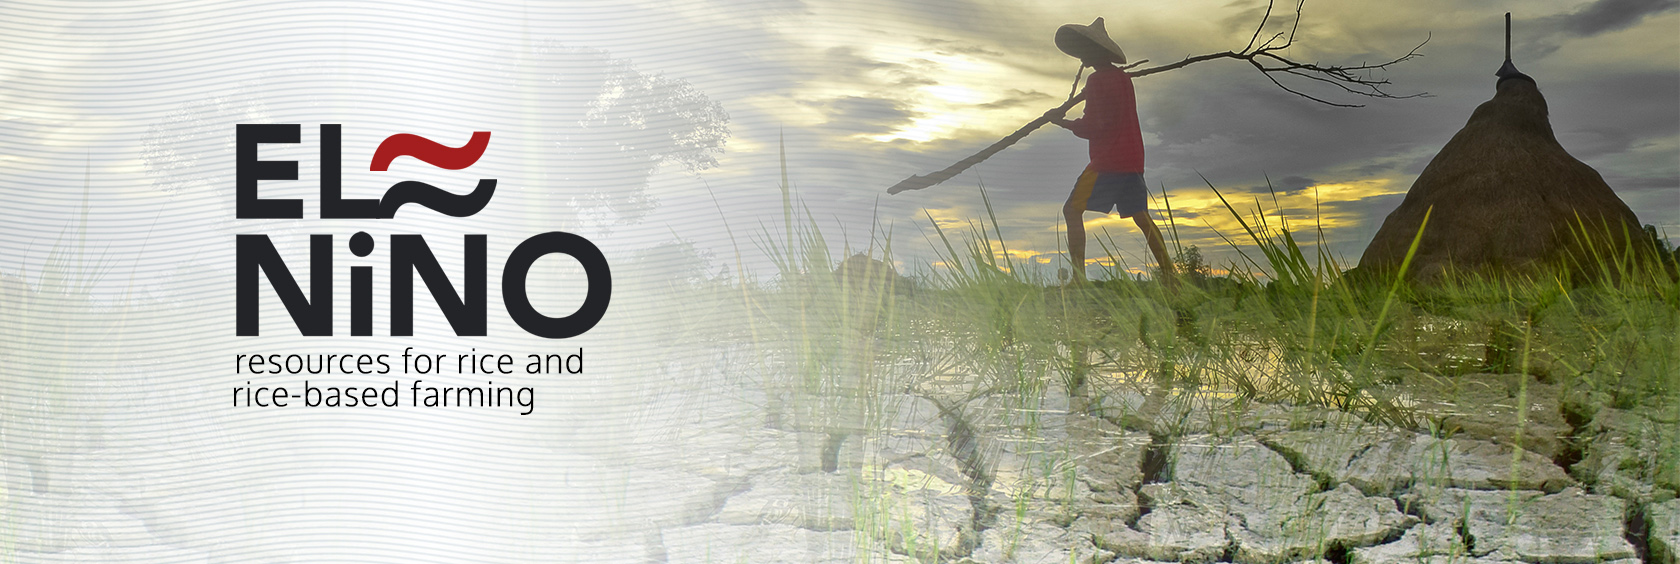 El Nino-slider